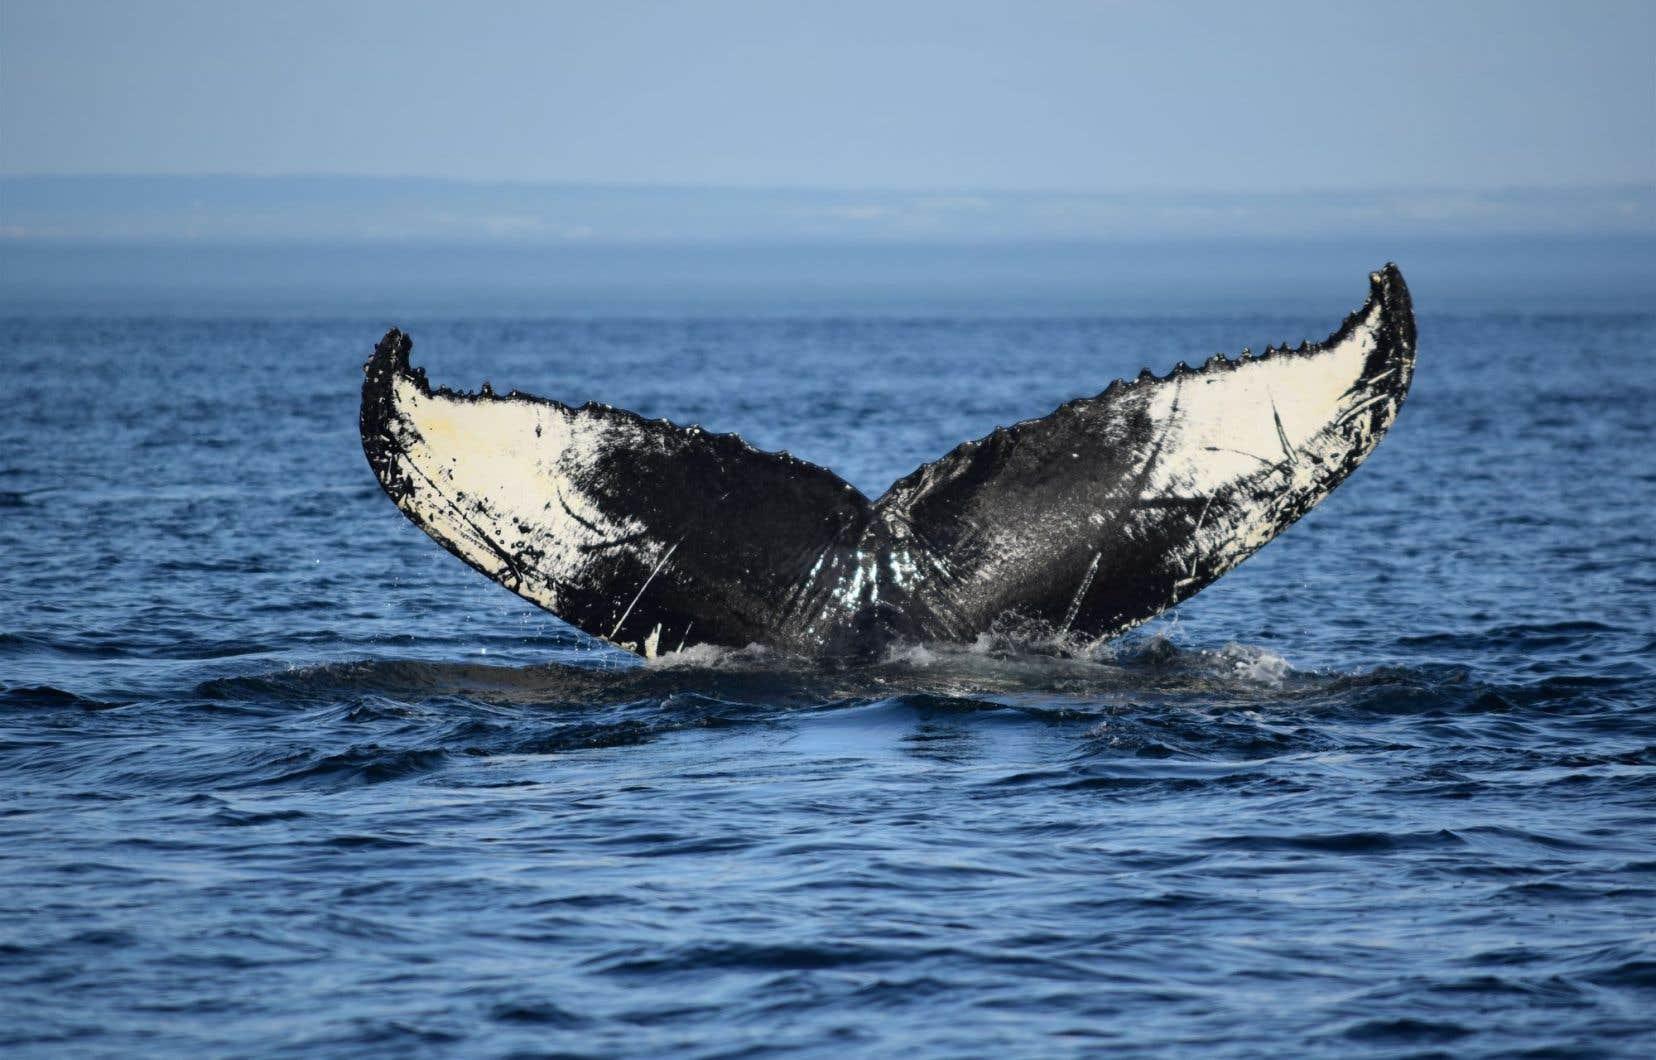 «Accroître la protection des baleines [face aux] dangers posés par l'activité humaine fournira des bénéfices» climatiques bien concrets, selon le FMI.